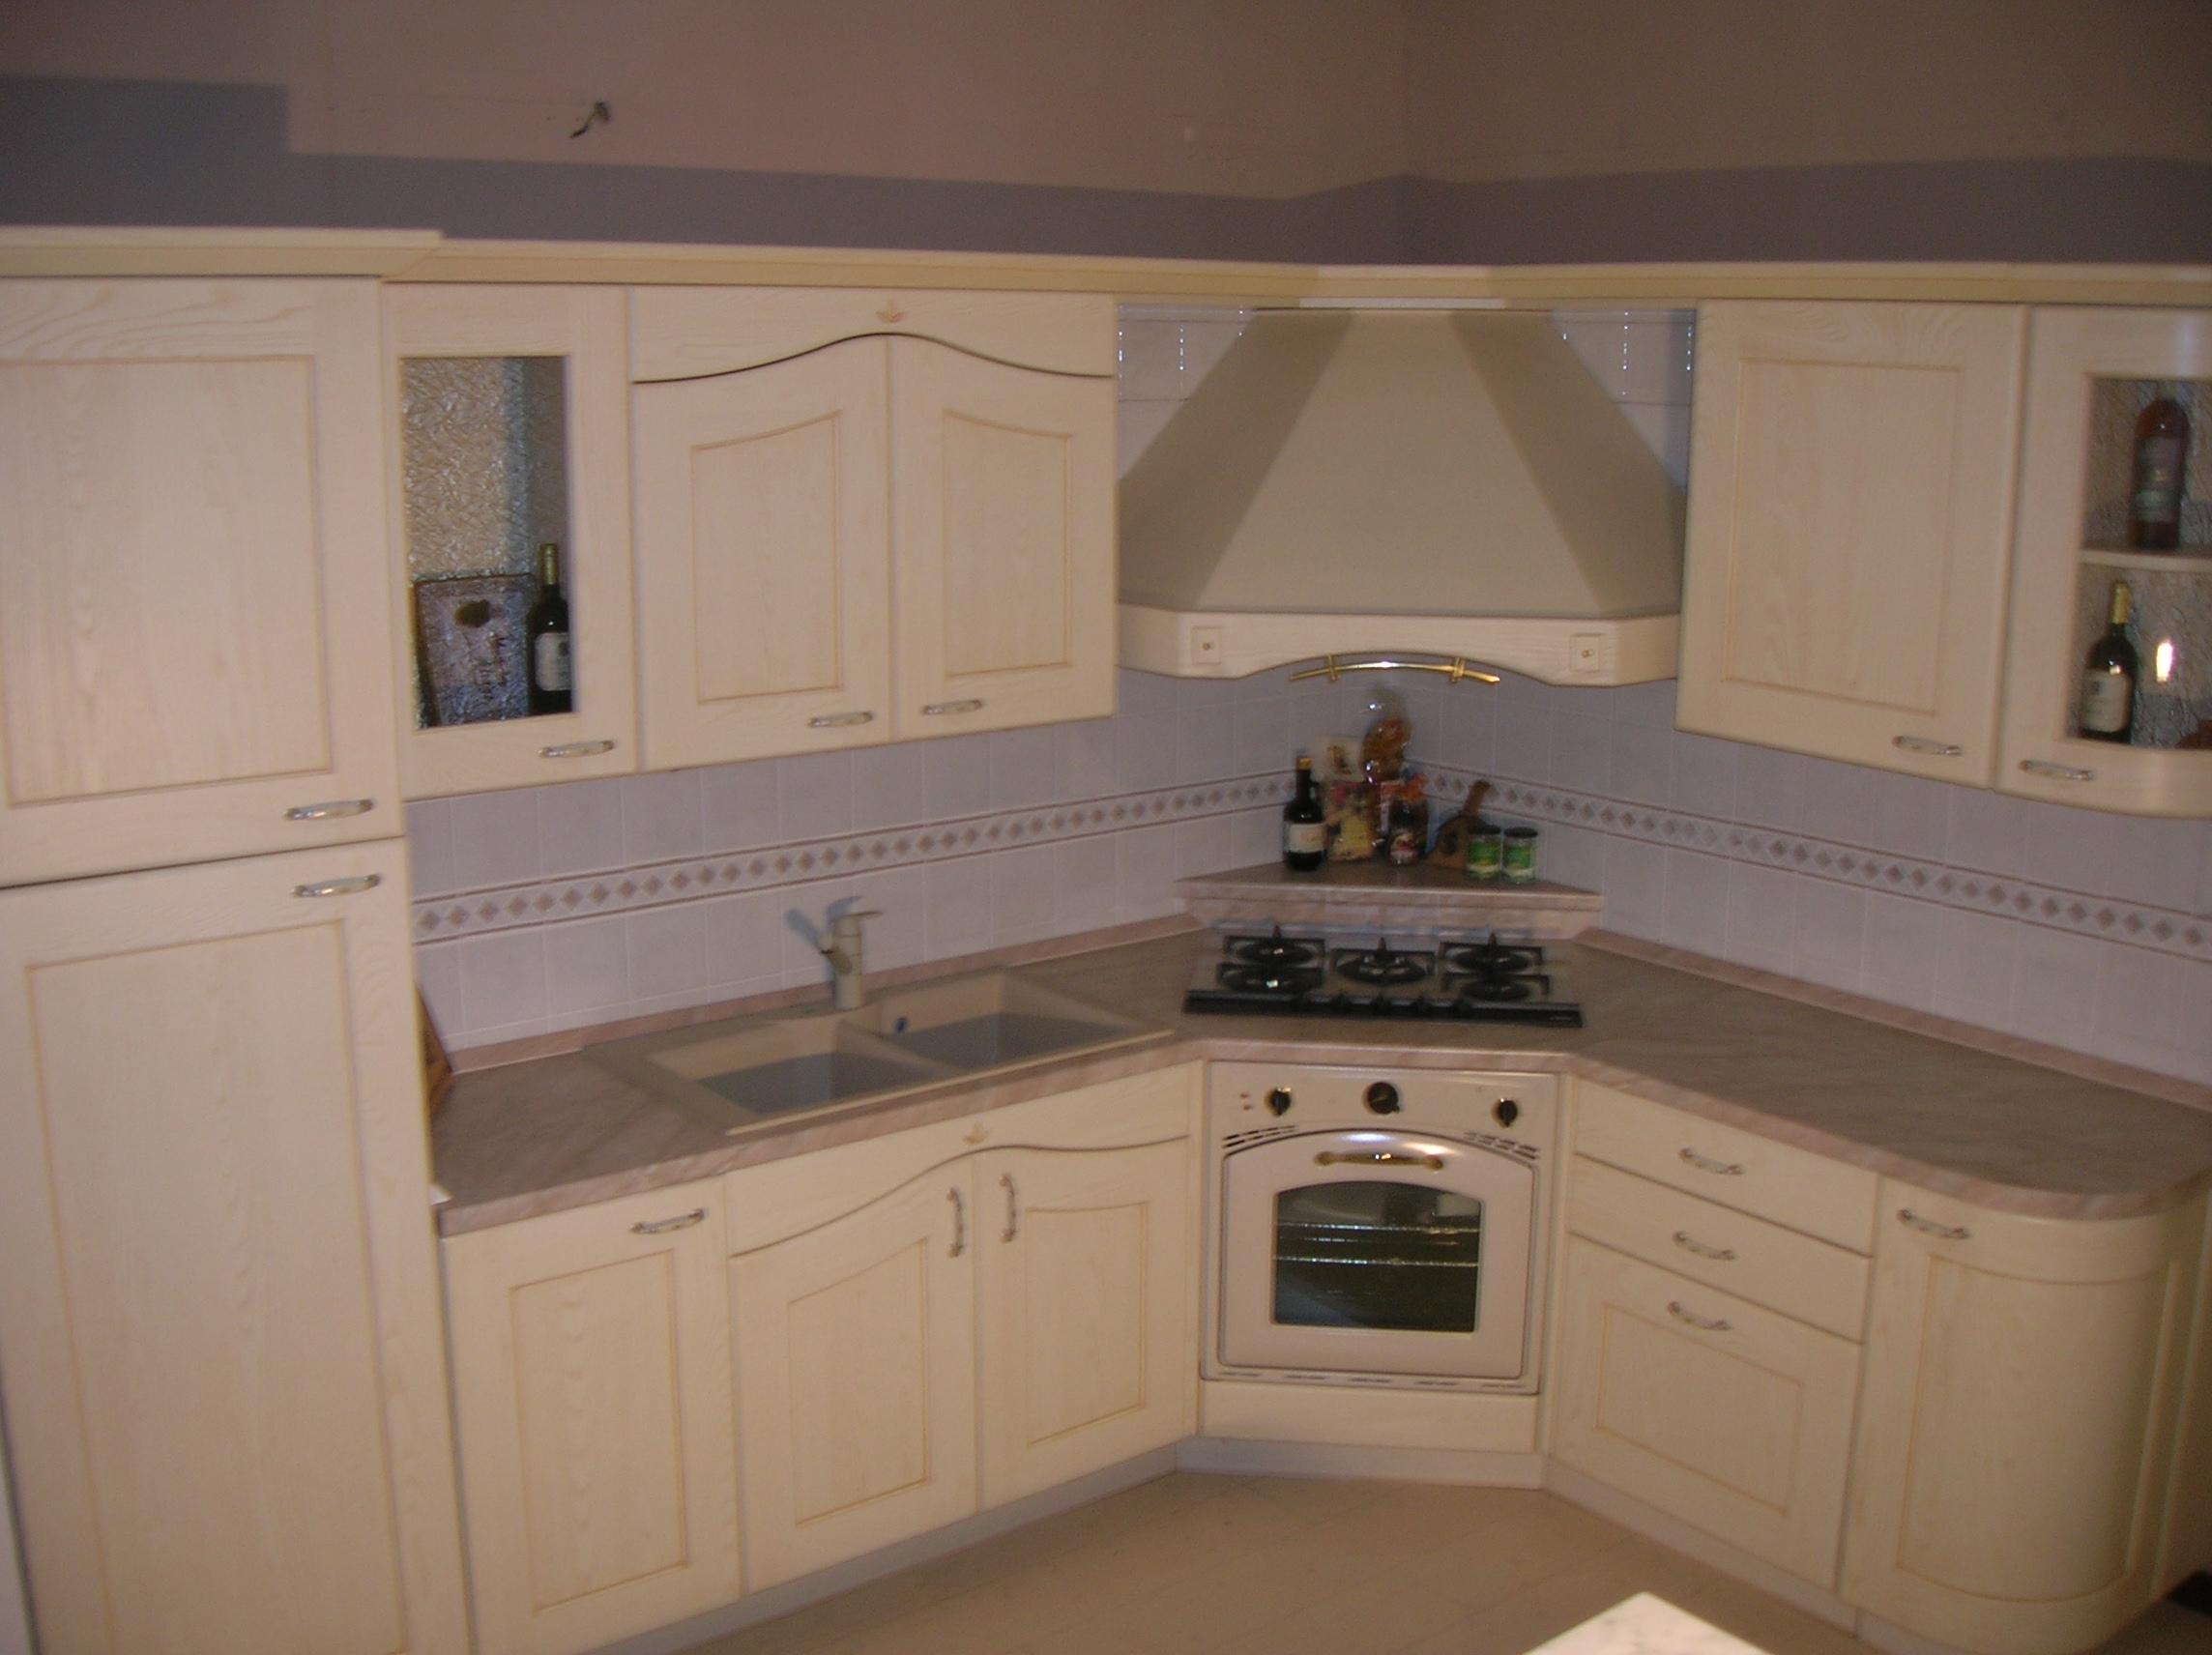 Cucina arrital outlet 17209 cucine a prezzi scontati - Prezzi cucine arrital ...